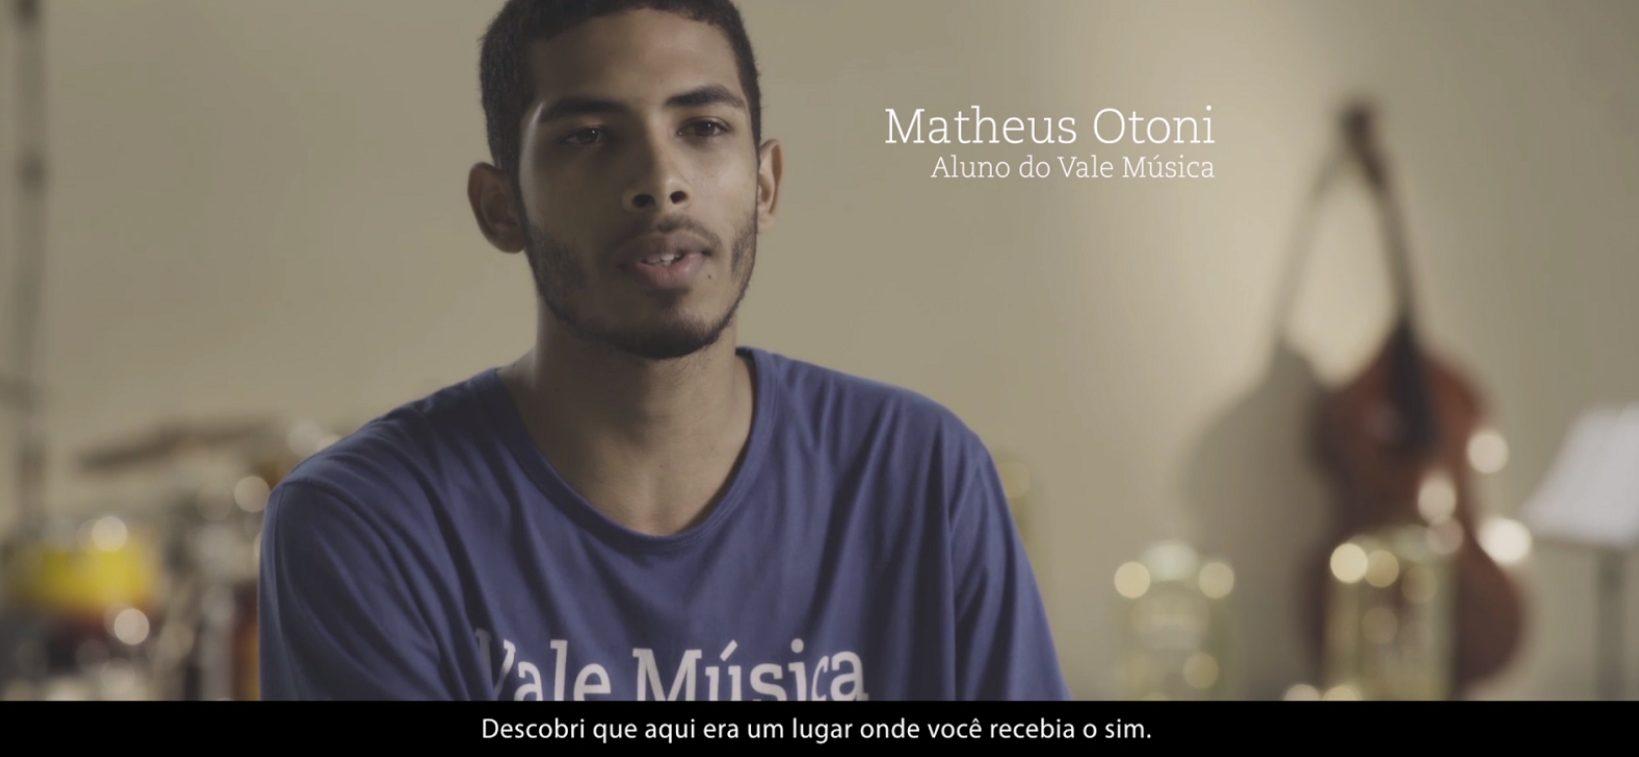 Jovem brasileiro tem vida transformada por programa social que ensina música para crianças e adolescentes carentes 2